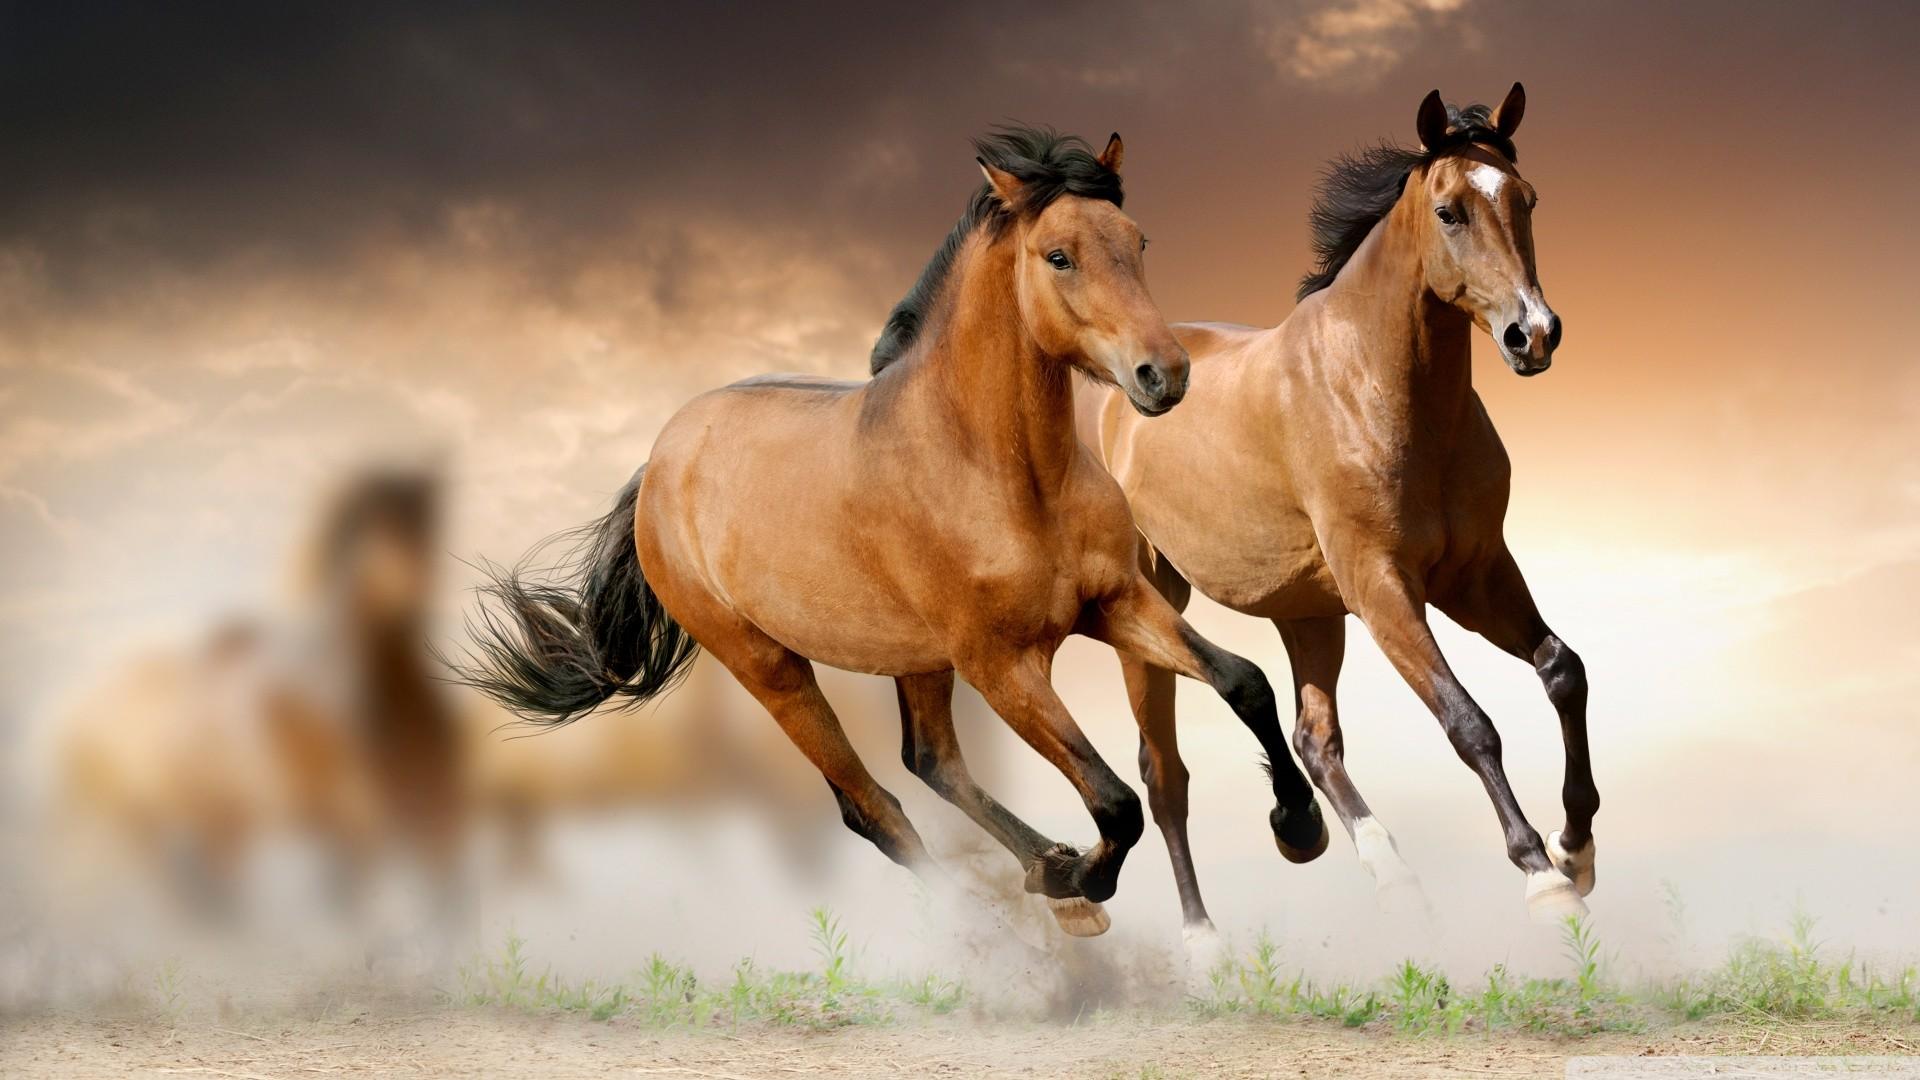 Horses Wallpaper 58 Images